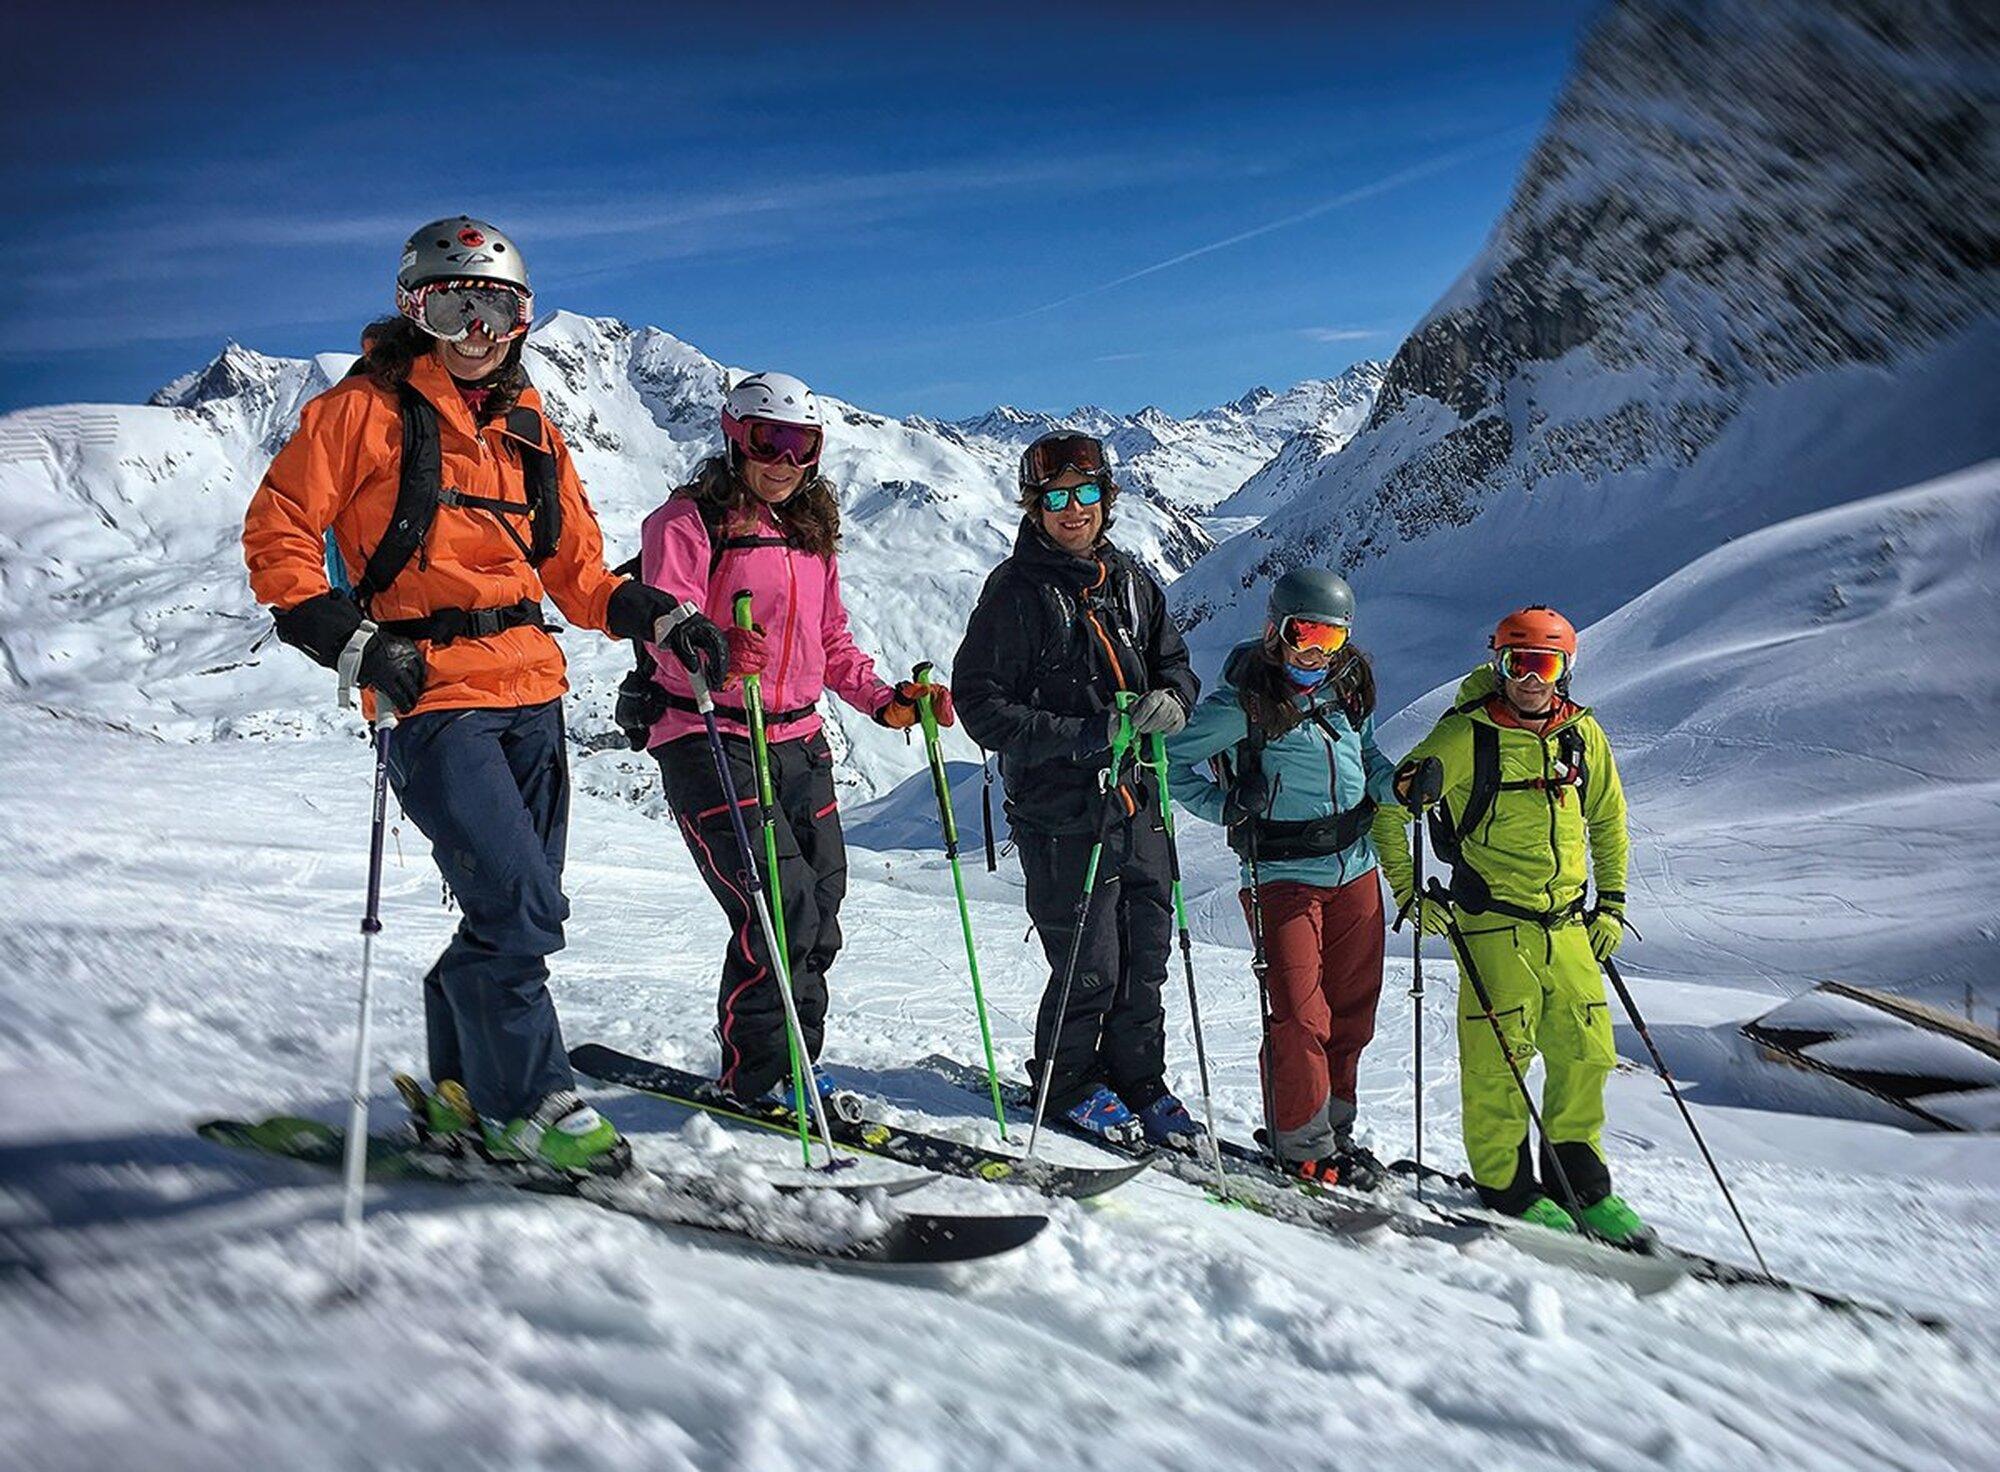 Allmountain Ski